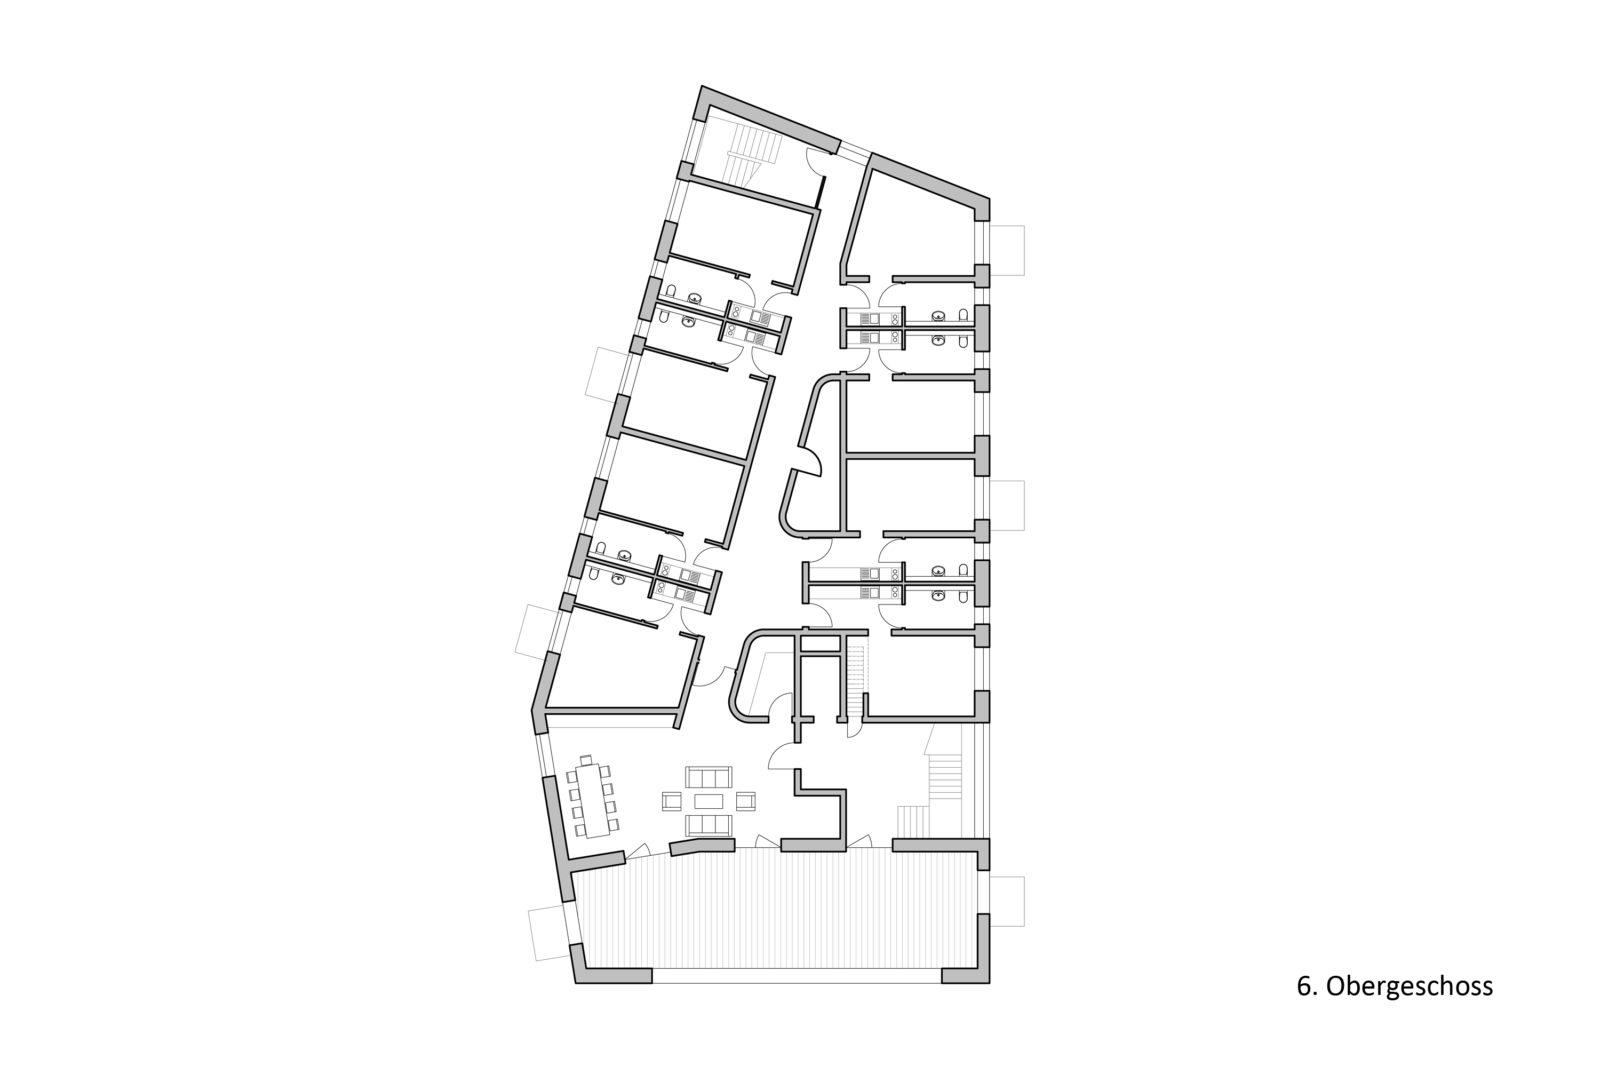 Neubau Altenwohnheim in Leipzig, Eutritzsch - 6. Obergeschoss